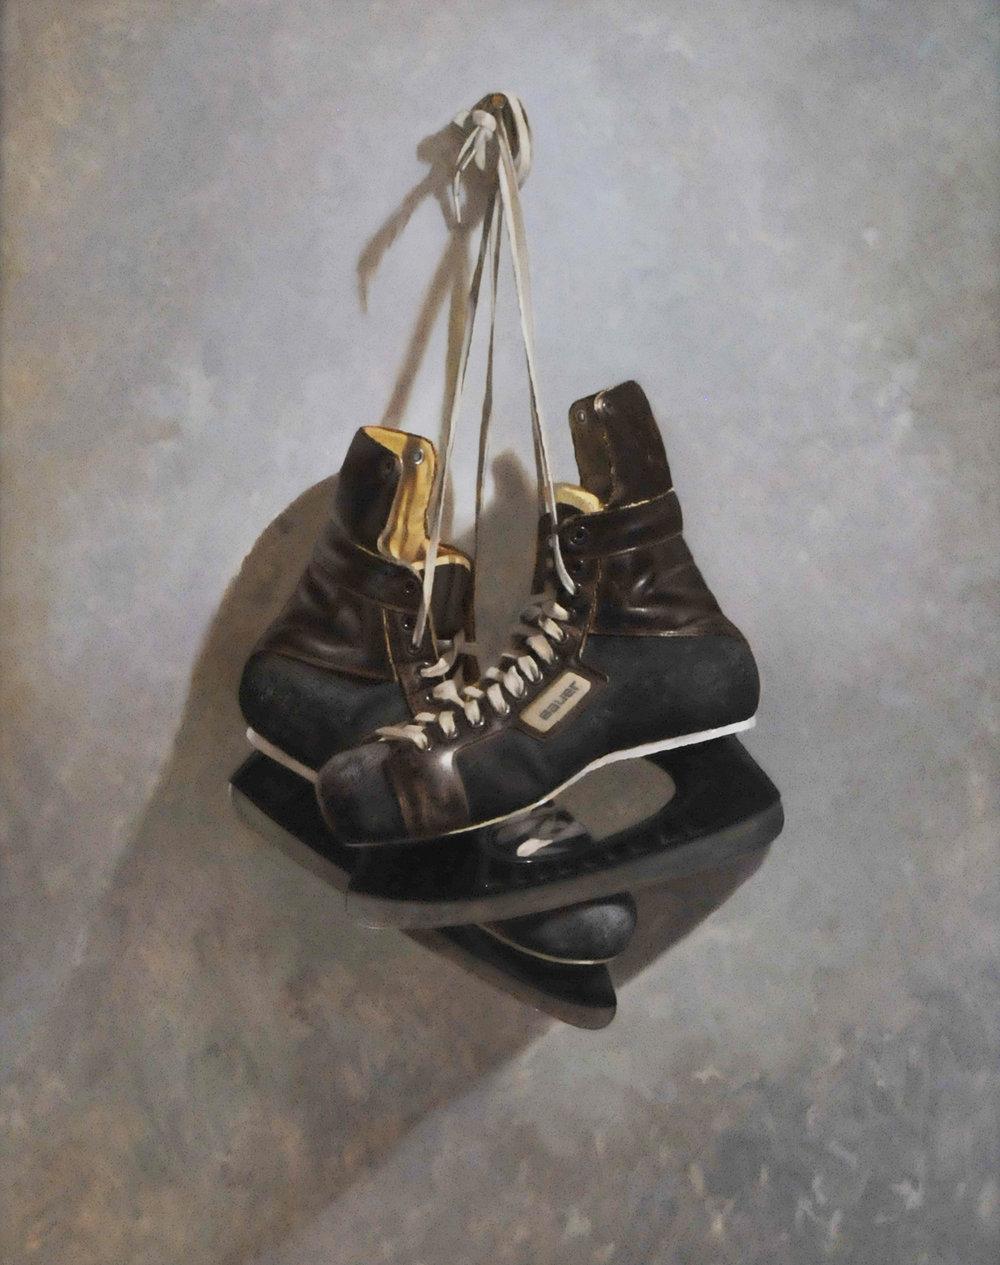 Philip's Skates